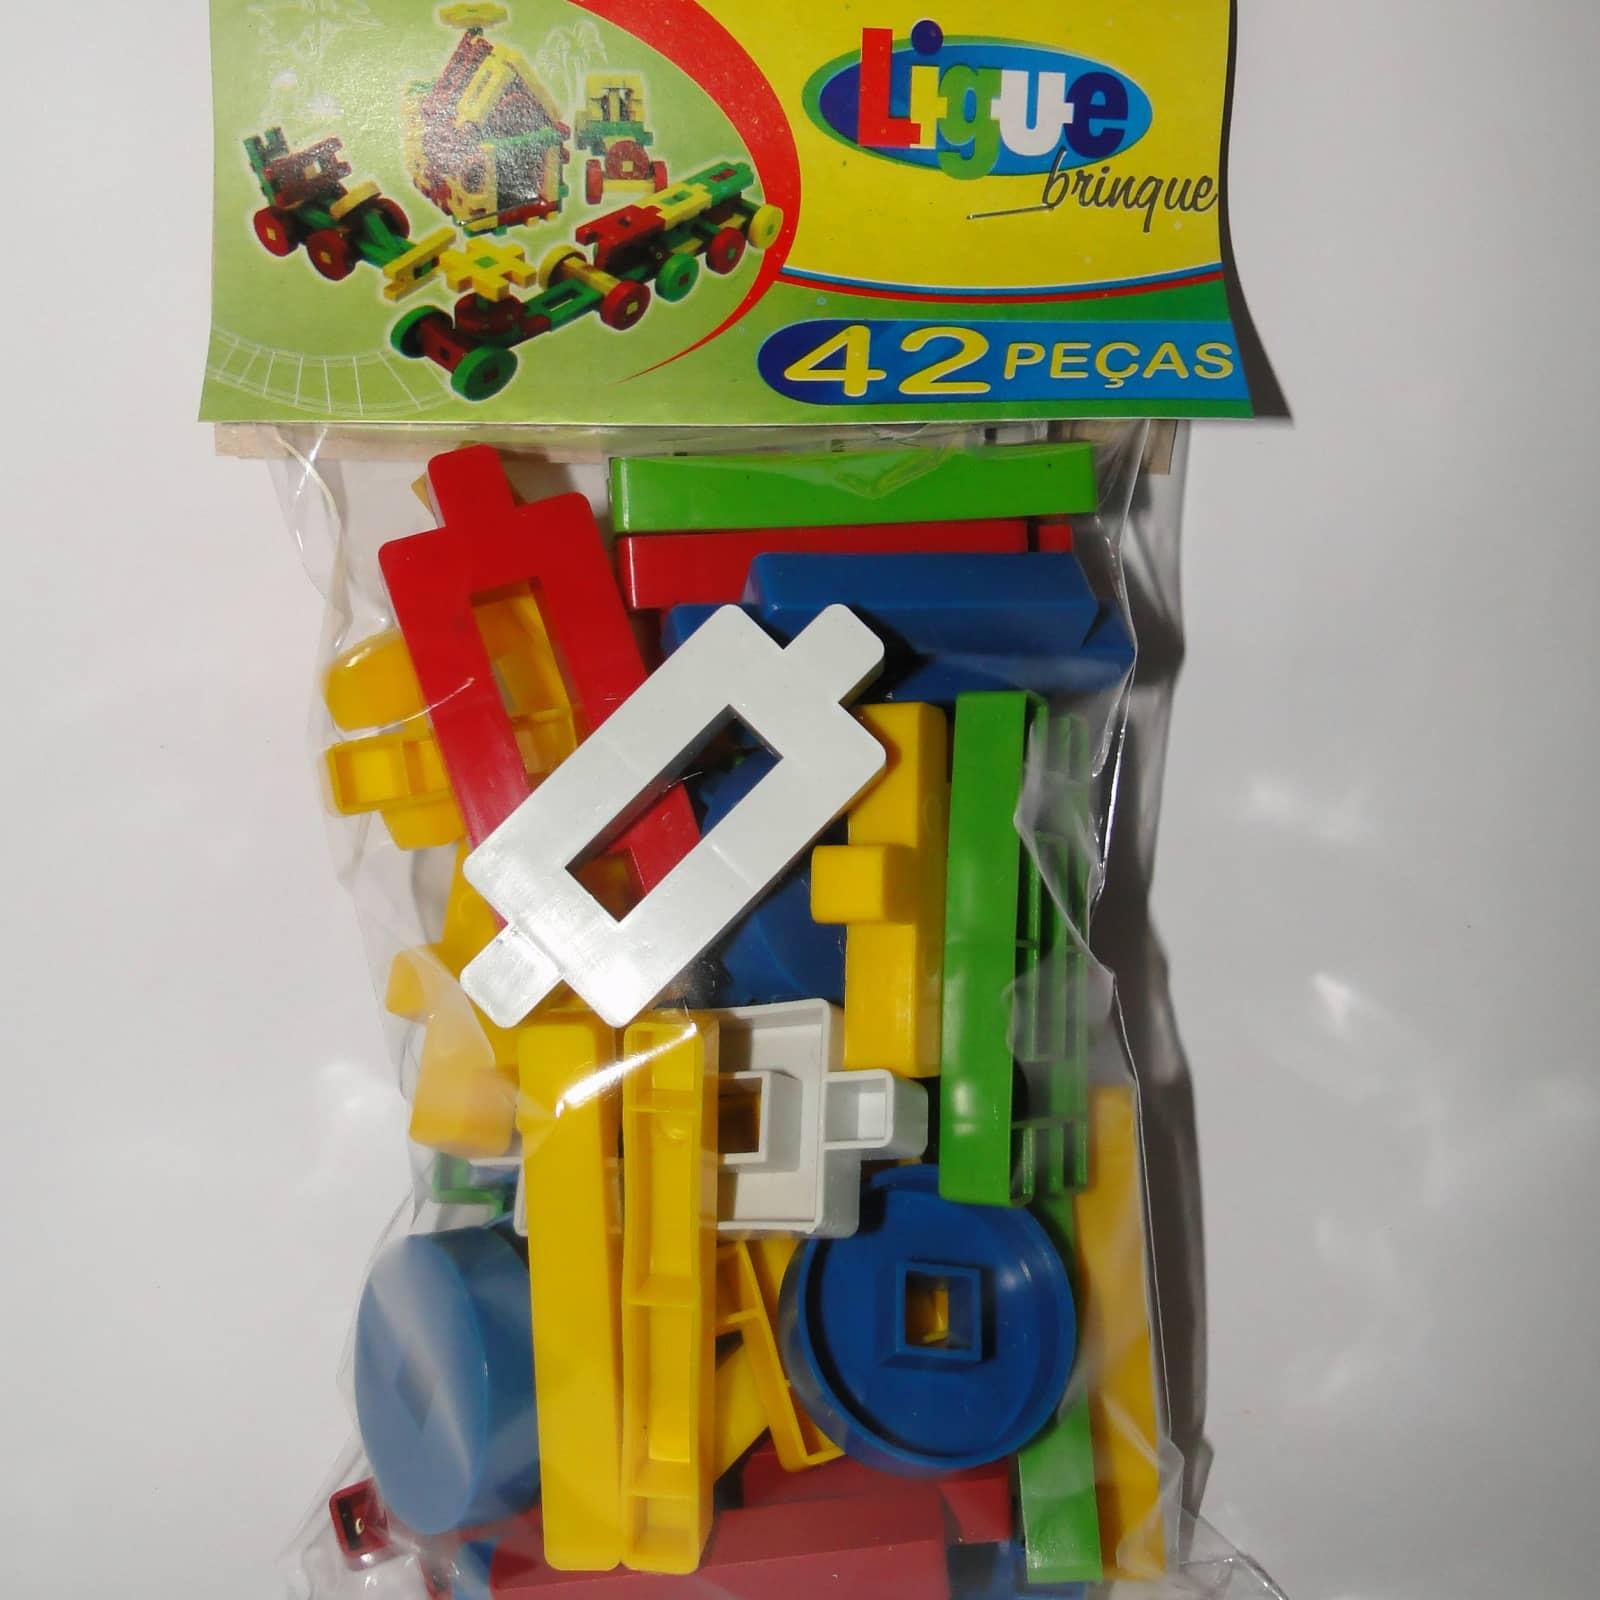 Ligue Brinque 42 peças - Ref 019